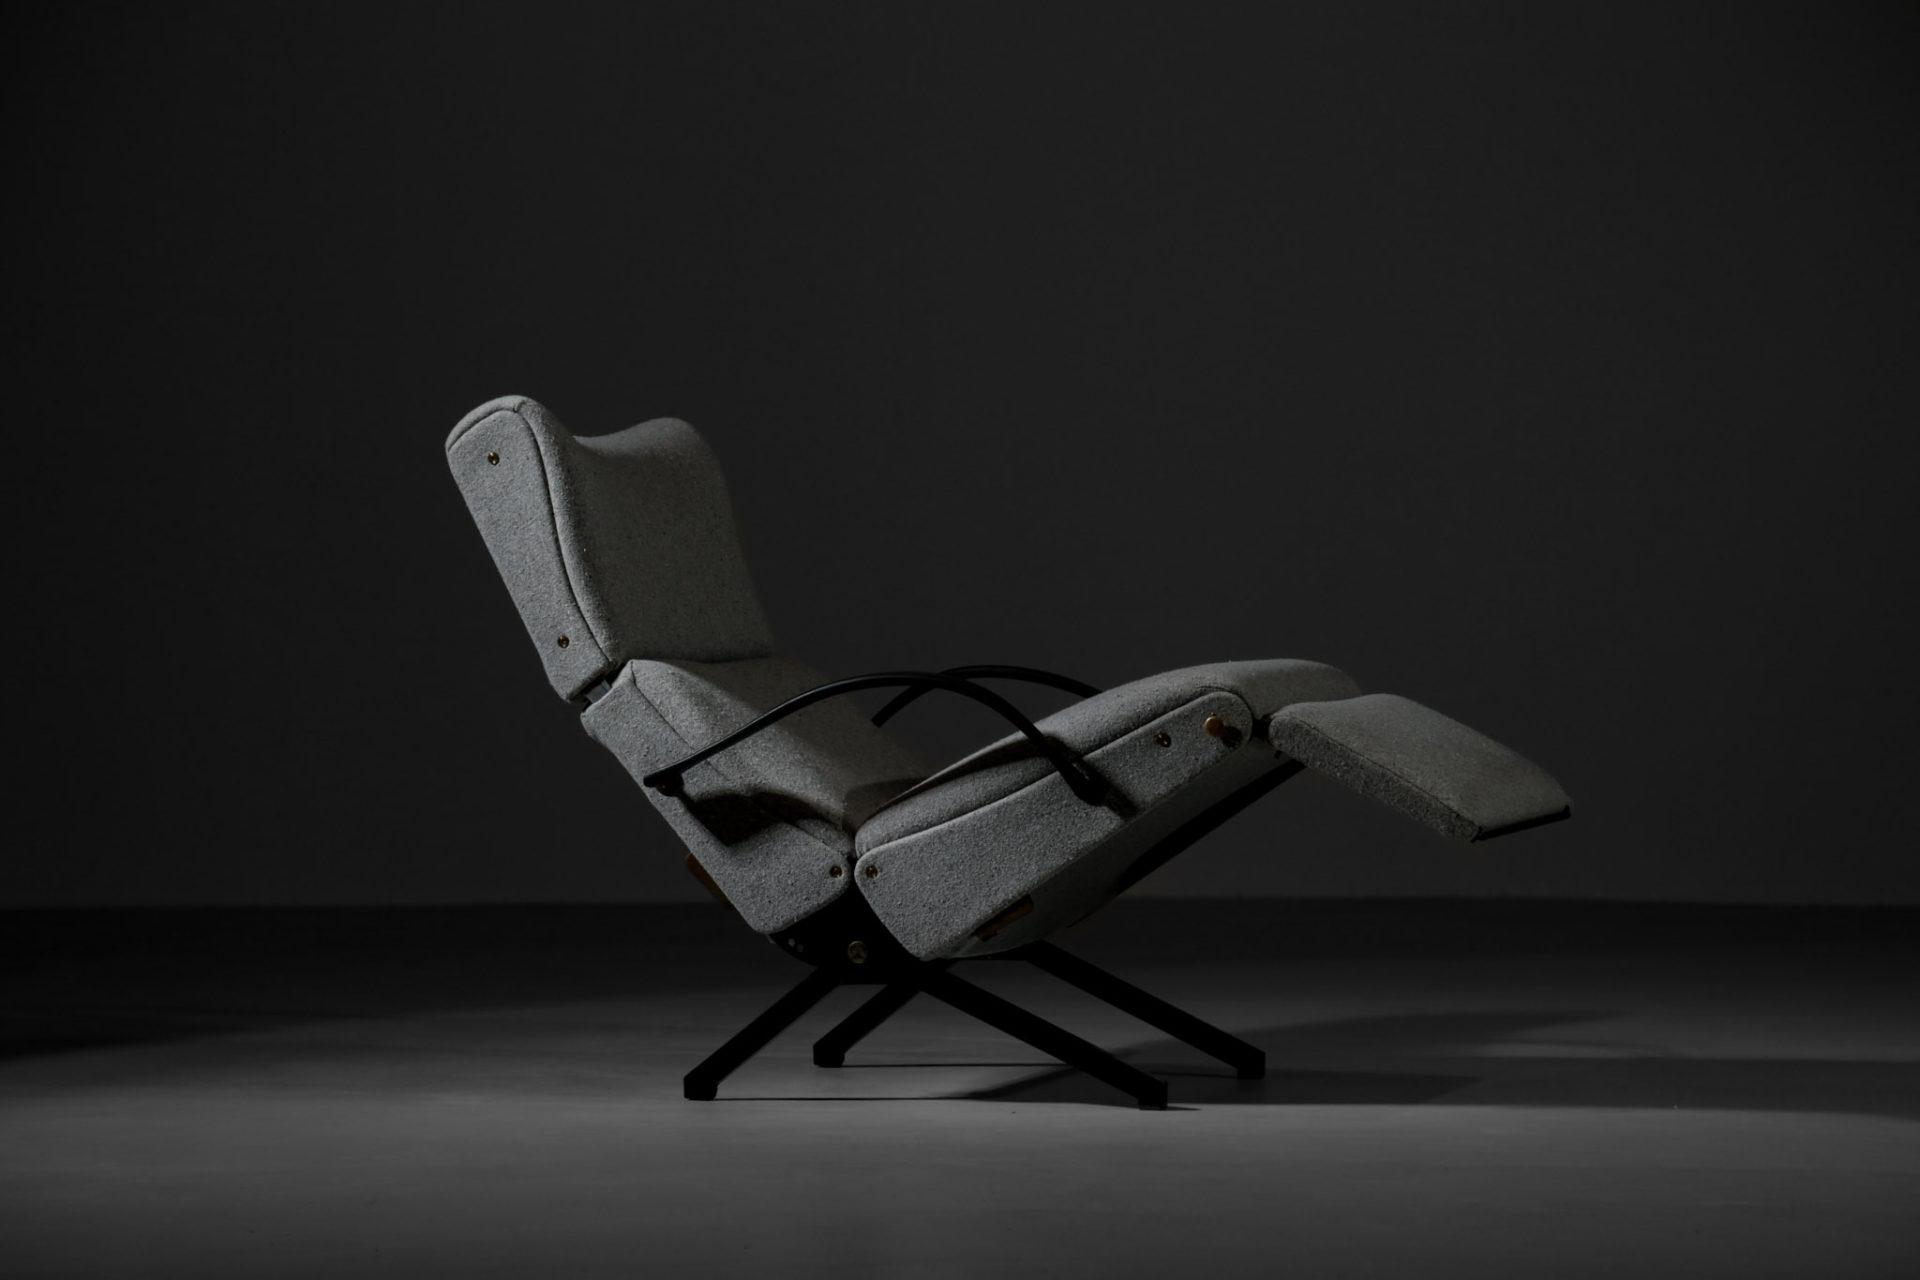 P40 borsani osvaldo tecno chaise longue fauteuil design italien26